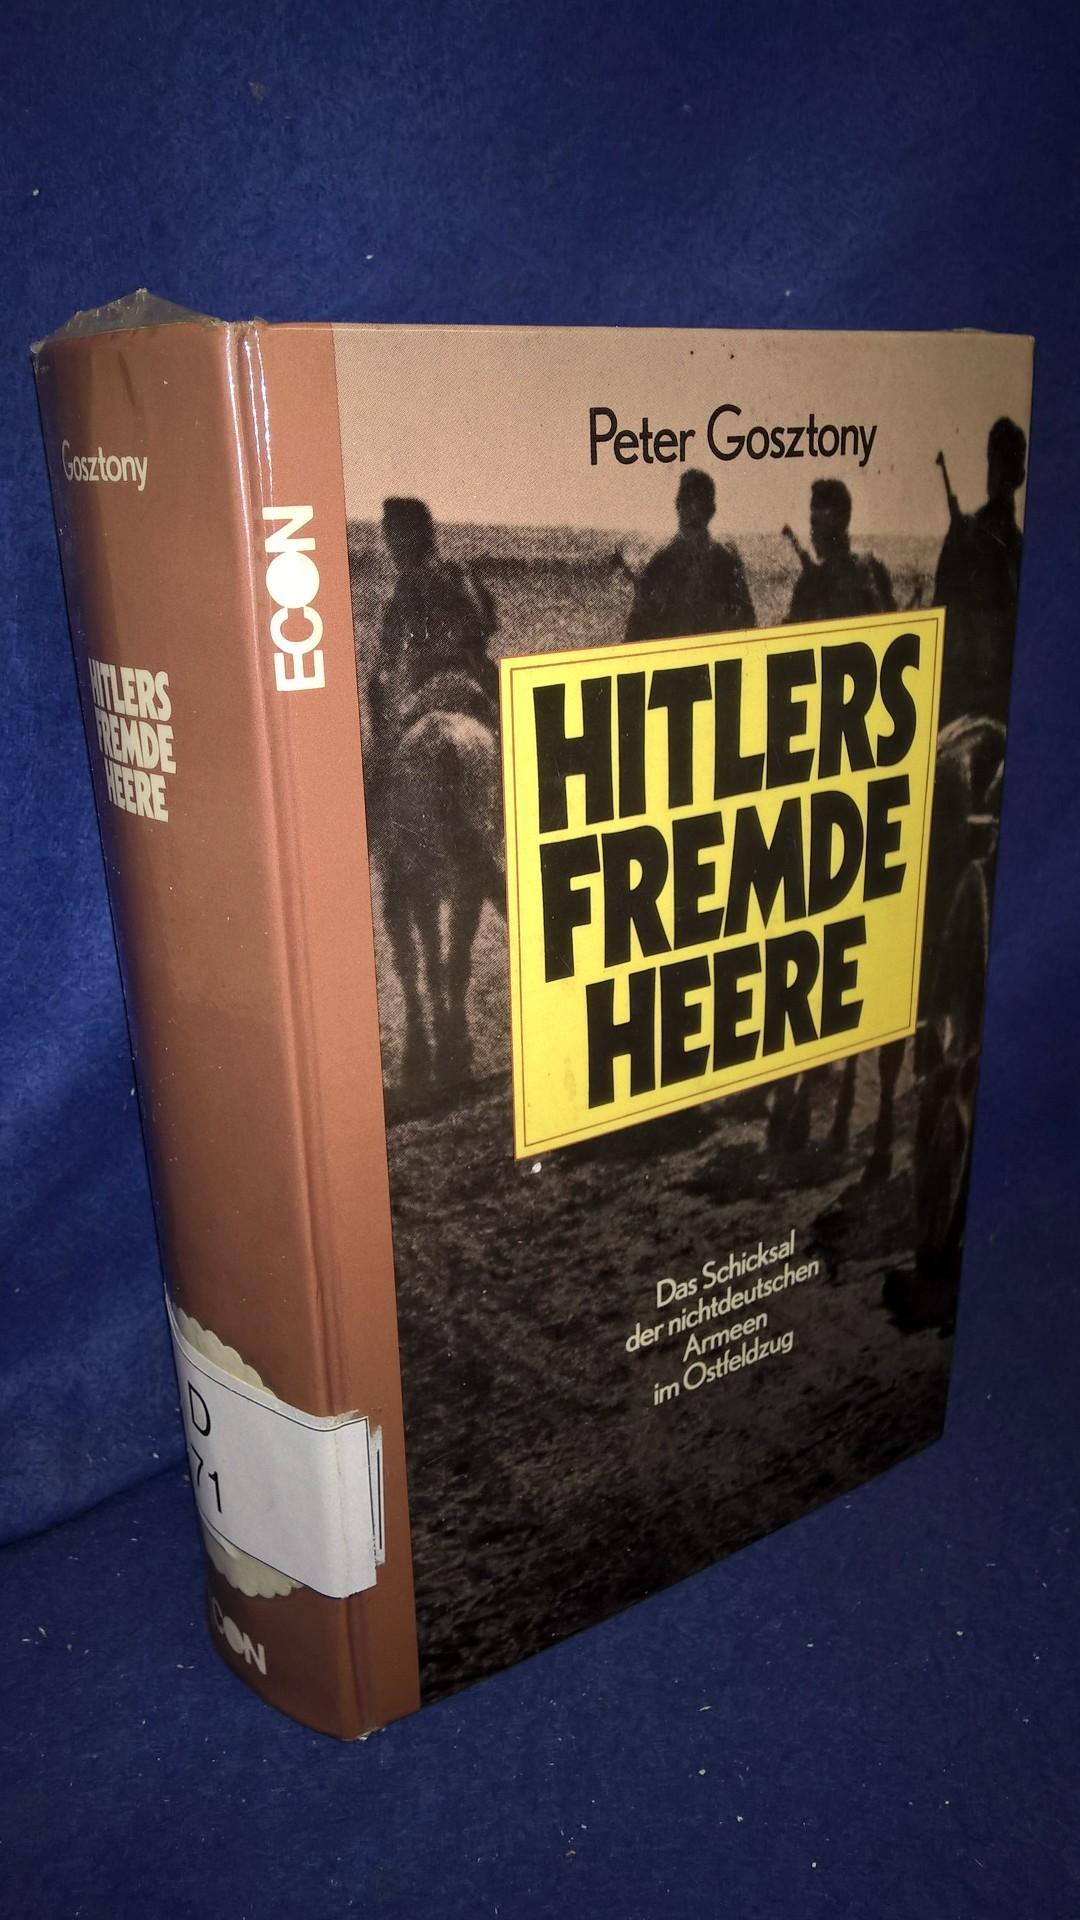 Hitlers Fremde Heere. Das Schicksal der nichtdeutschen Armeen im Ostfeldzug